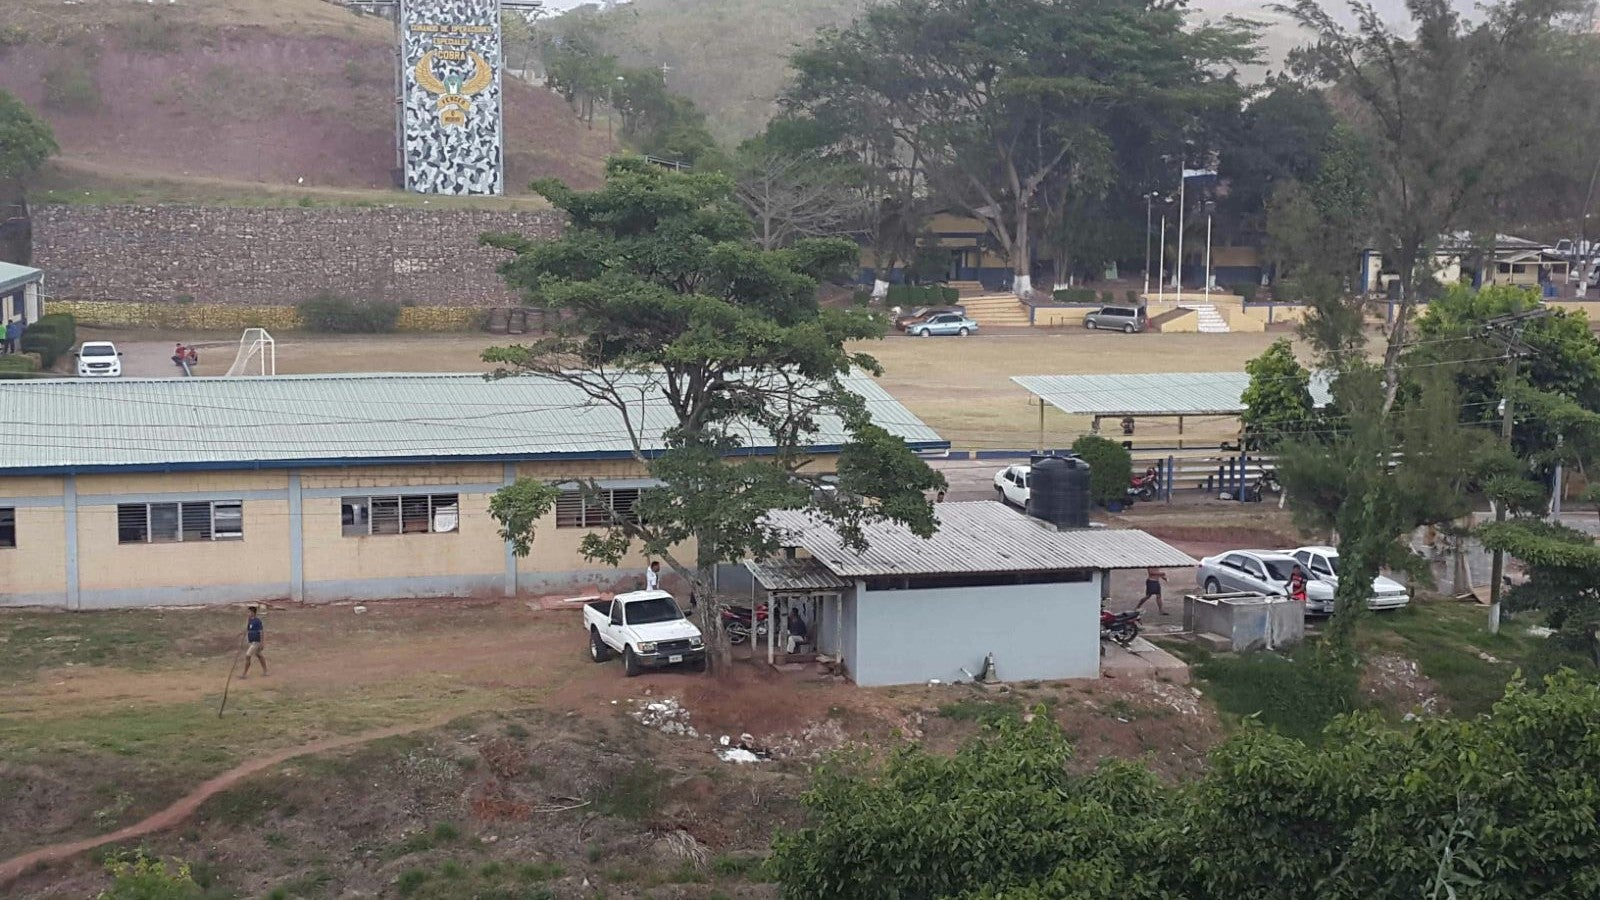 Reportan amotinamiento entre pandilleros en comando Cobras